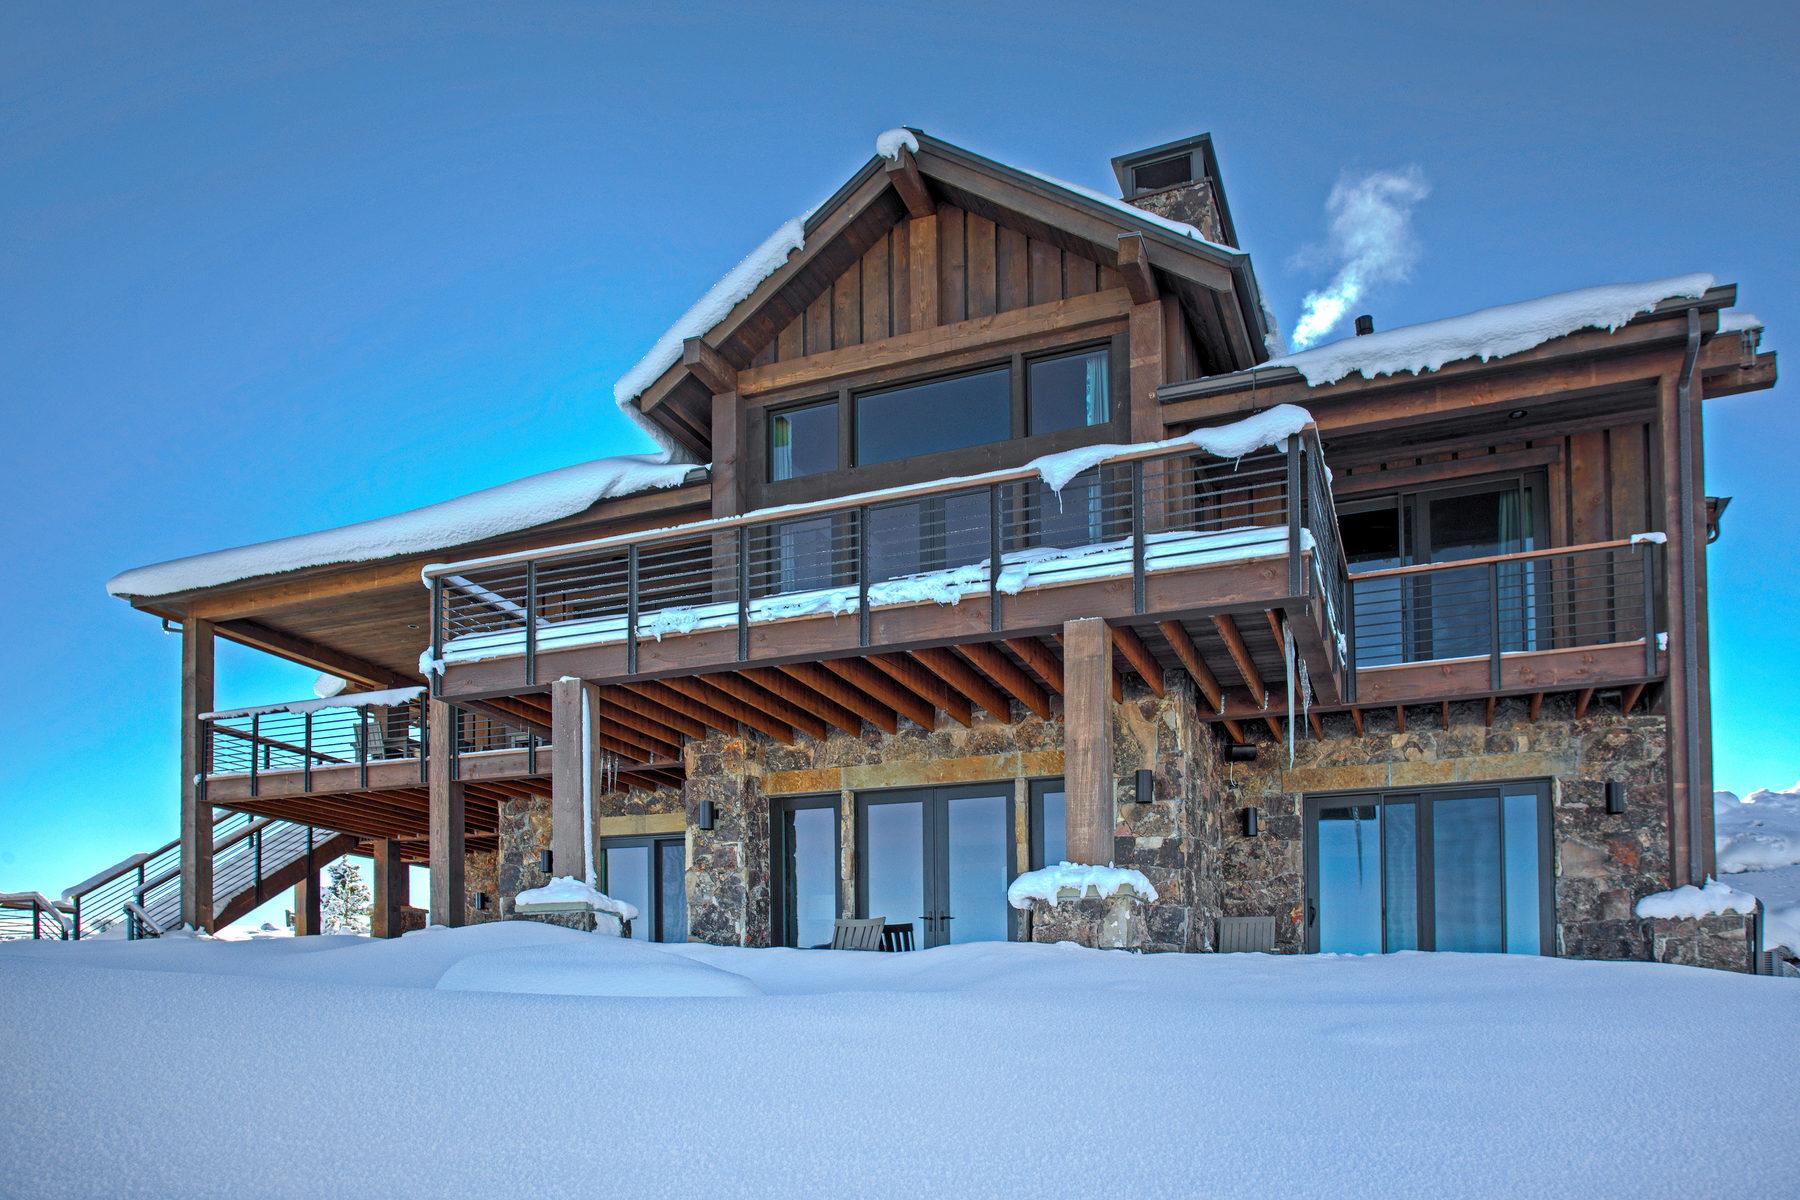 단독 가정 주택 용 매매 에 Juniper Cabin with Spectacular Views 6966 E Rising Star Ct #288 Heber City, 유타, 84032 미국